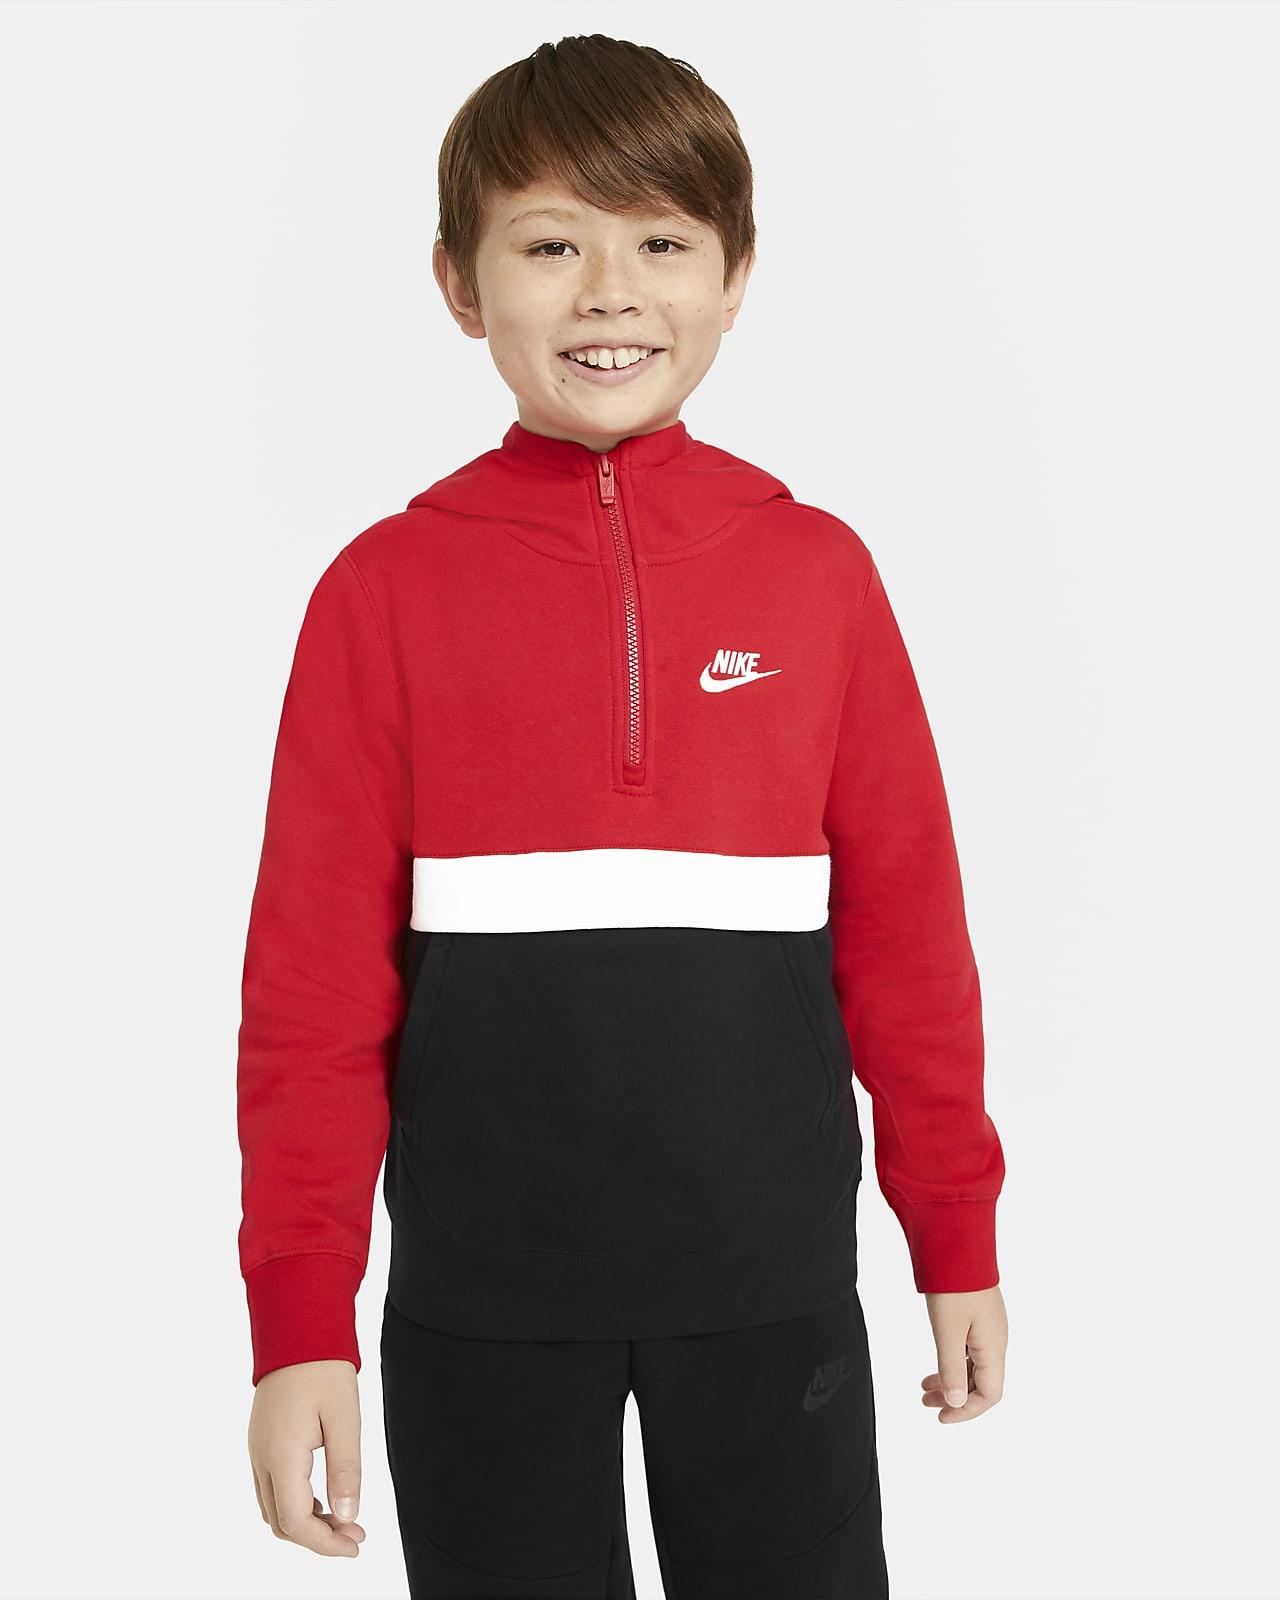 Μπλούζα με κουκούλα και φερμουάρ στο μισό μήκος Nike Sportswear Club για μεγάλα αγόρια